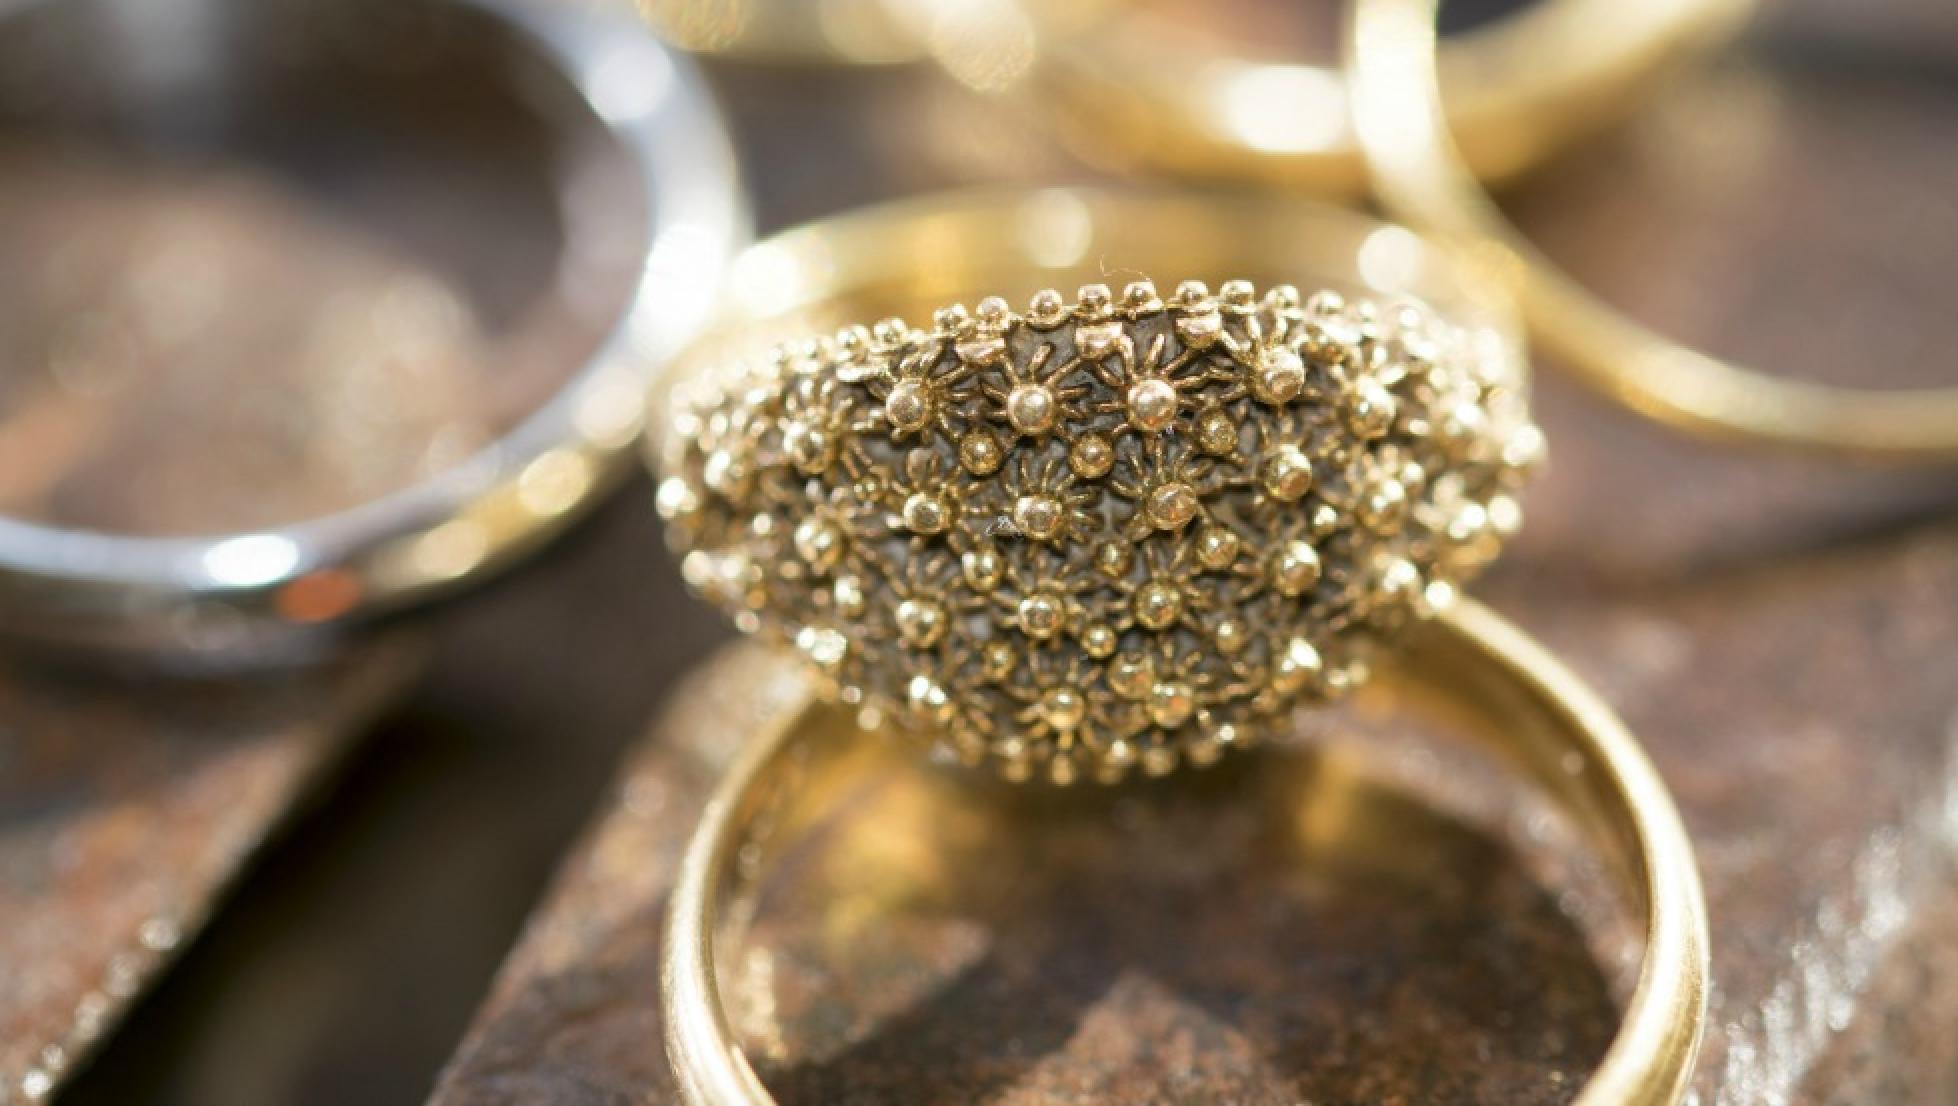 Gioiello in filigrana d'oro